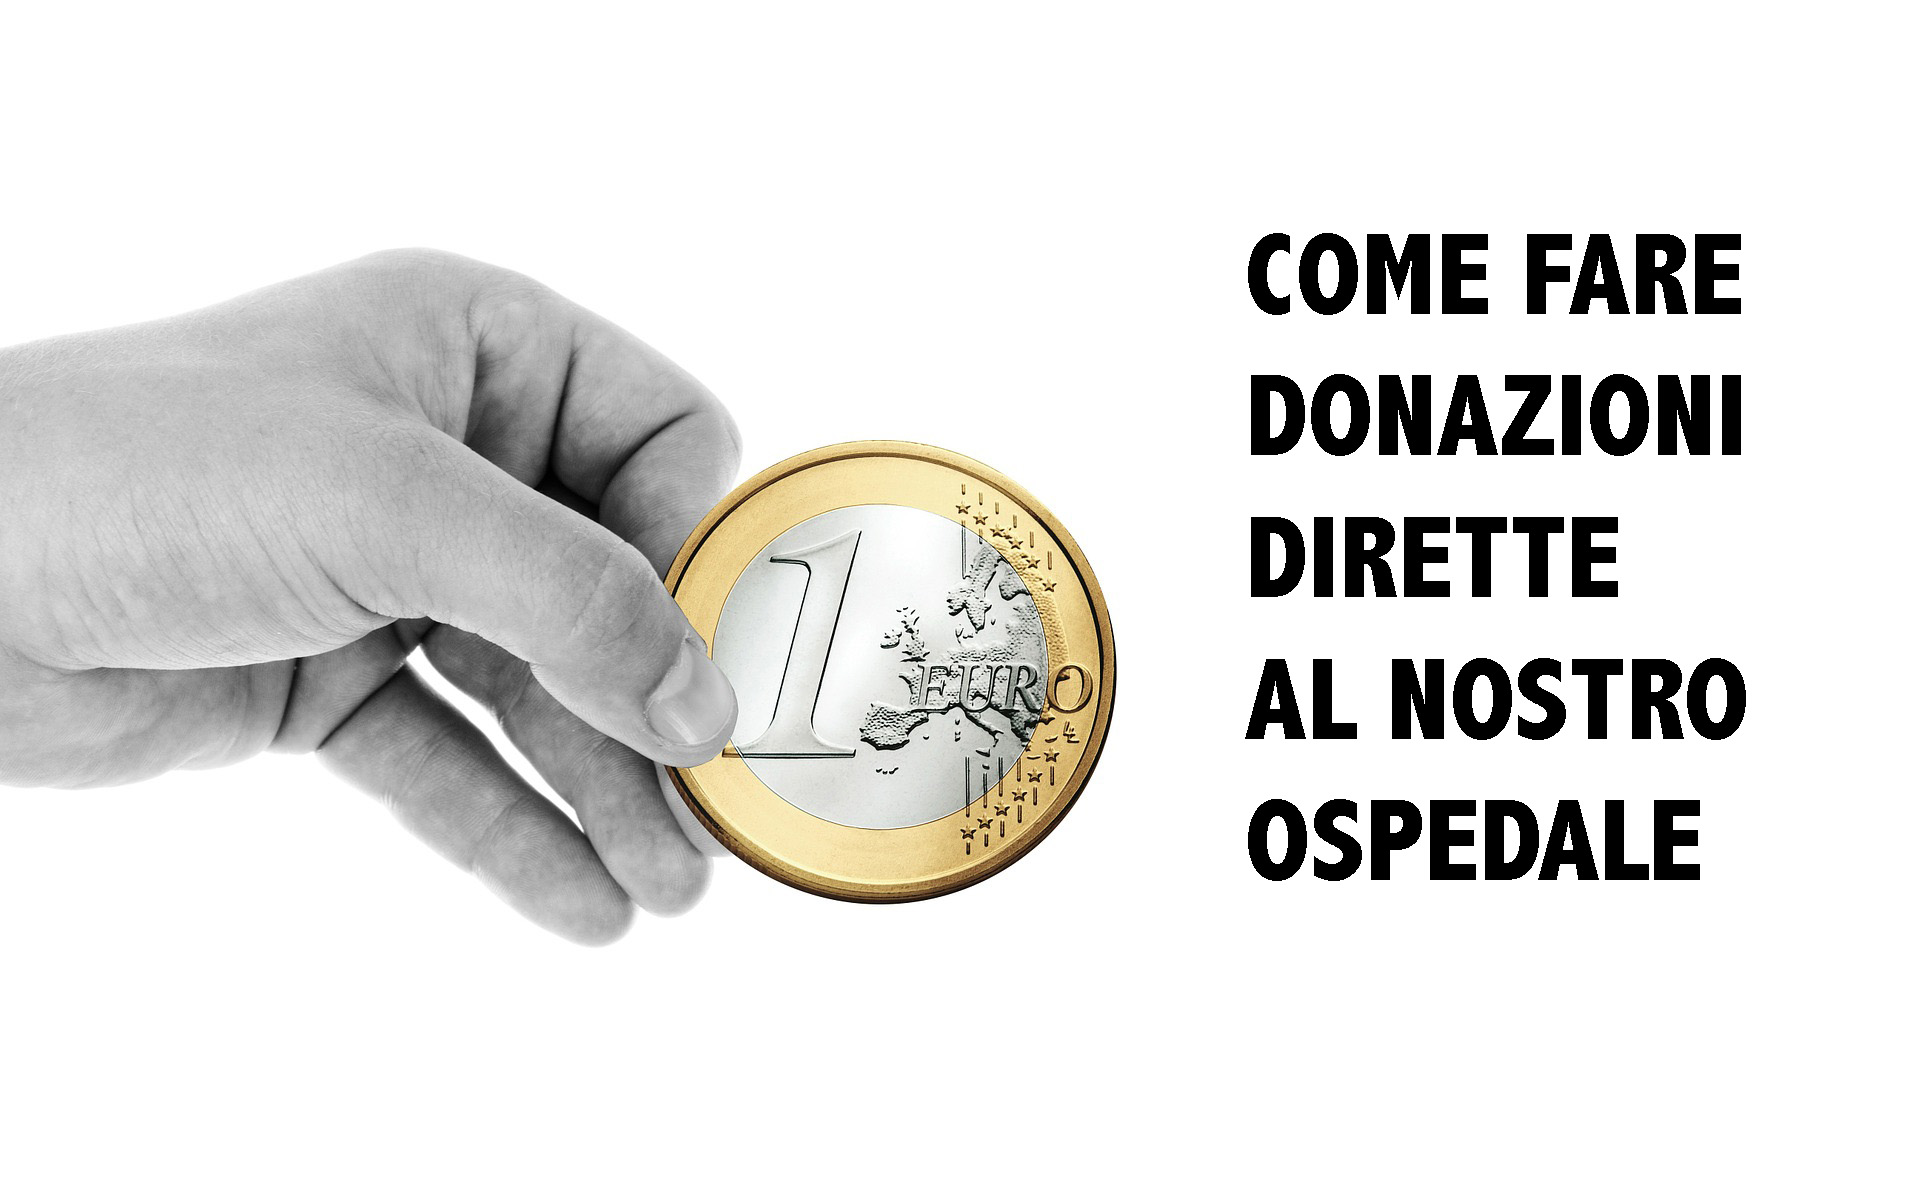 CORONAVIRUS, COME FARE DONAZIONI DIRETTE AL NOSTRO OSPEDALE